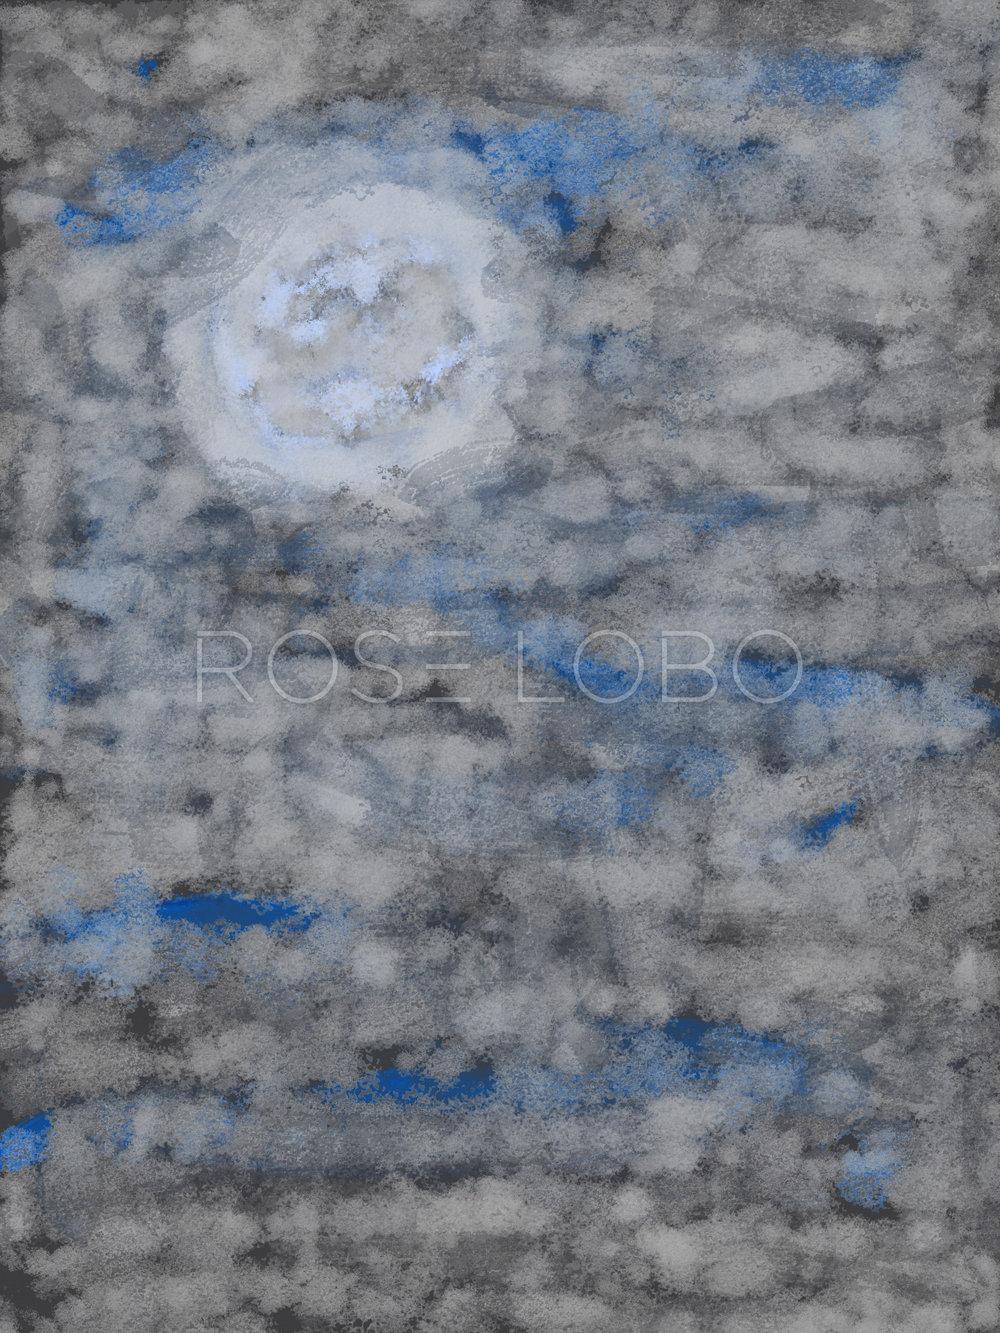 BUTTERFLY MOON 16